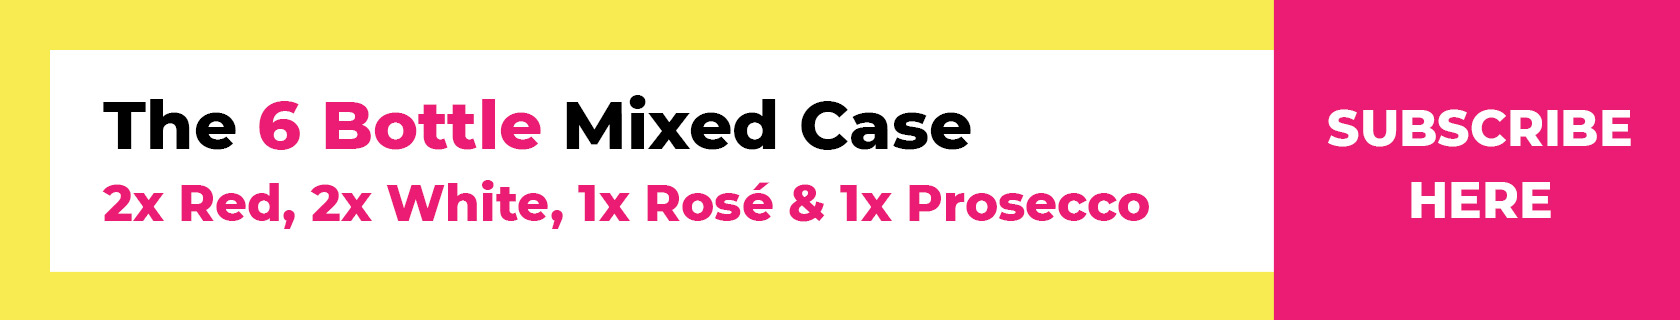 6 Bottle Mixed Case Subscription Button